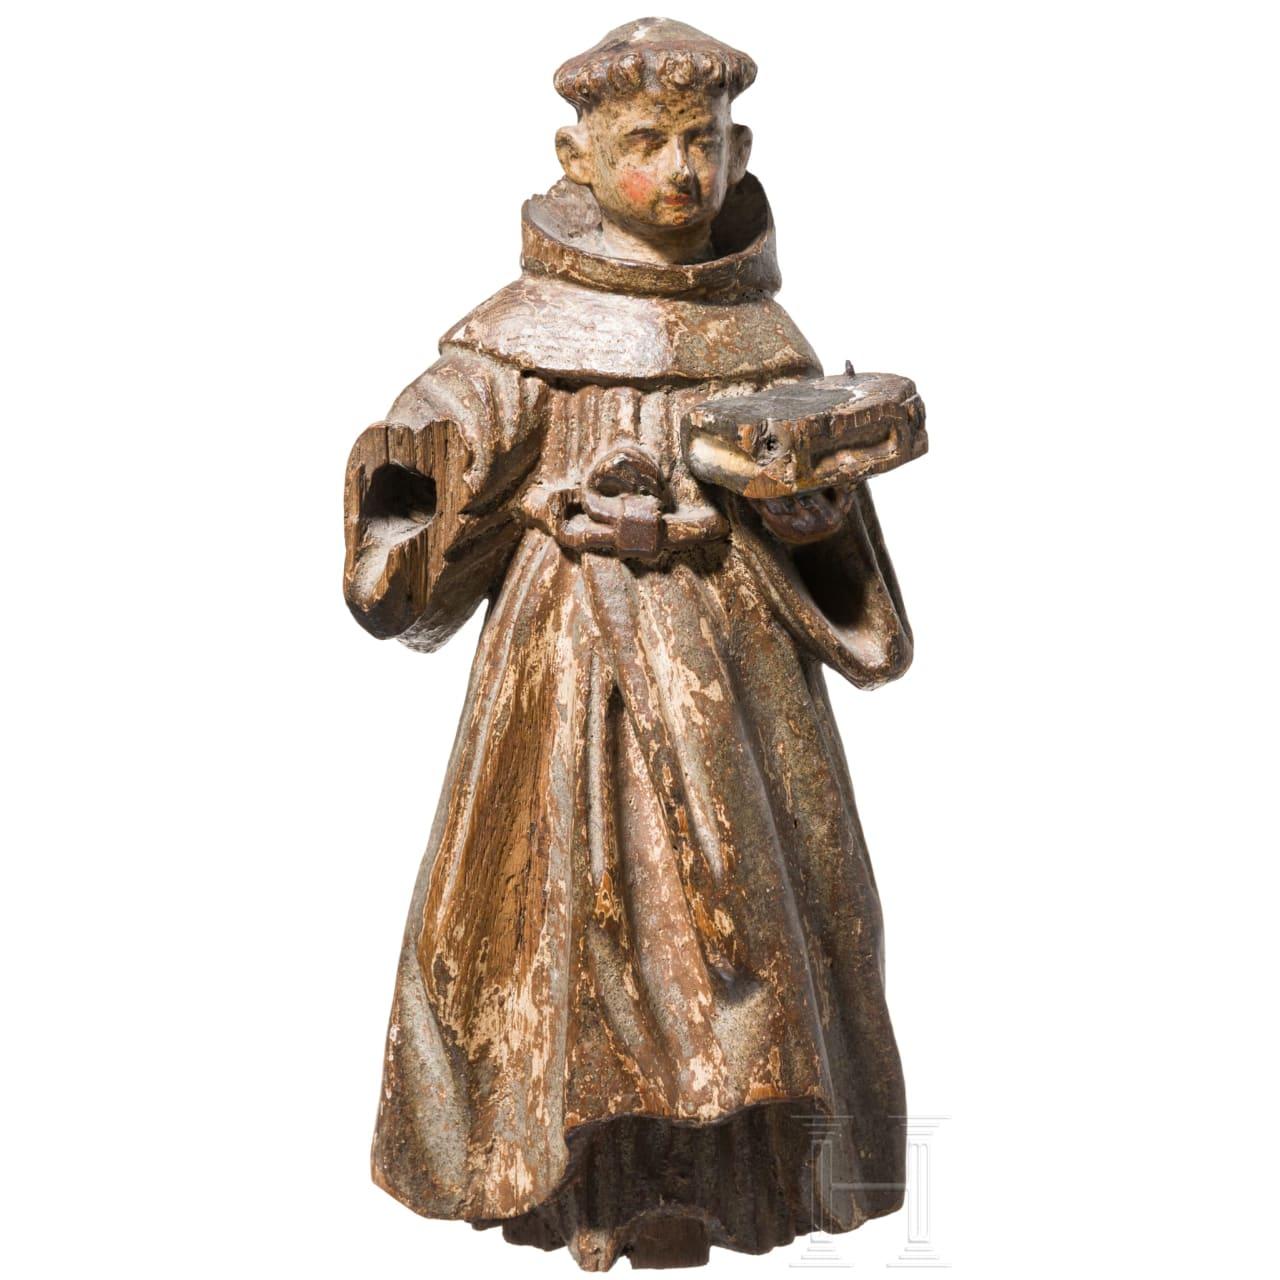 Heiligenfigur, Rheinland, 16. Jhdt.